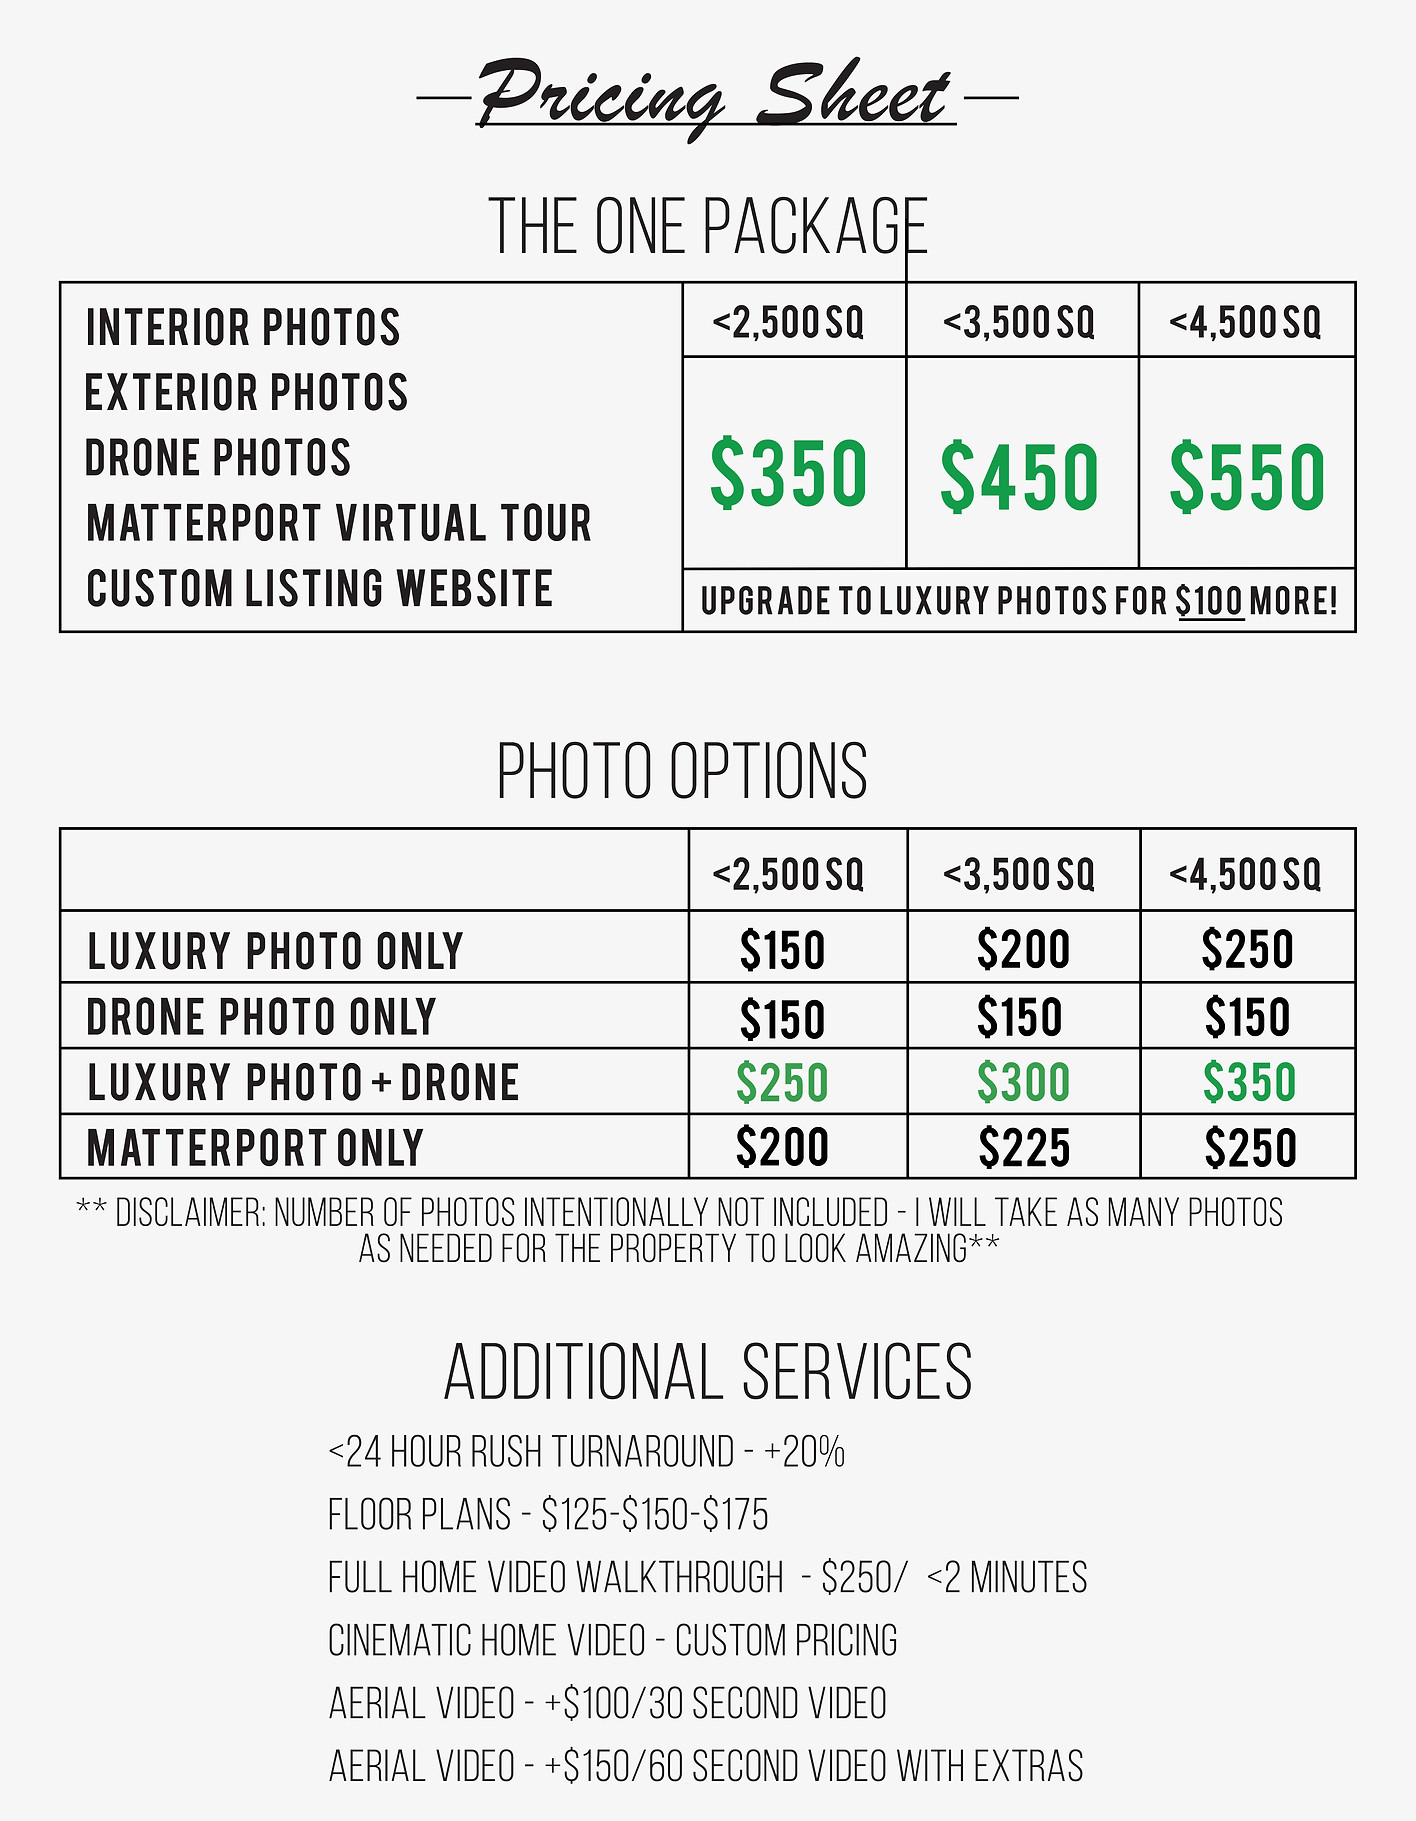 5.17.21 Pricing Sheet Simplified3.jpg